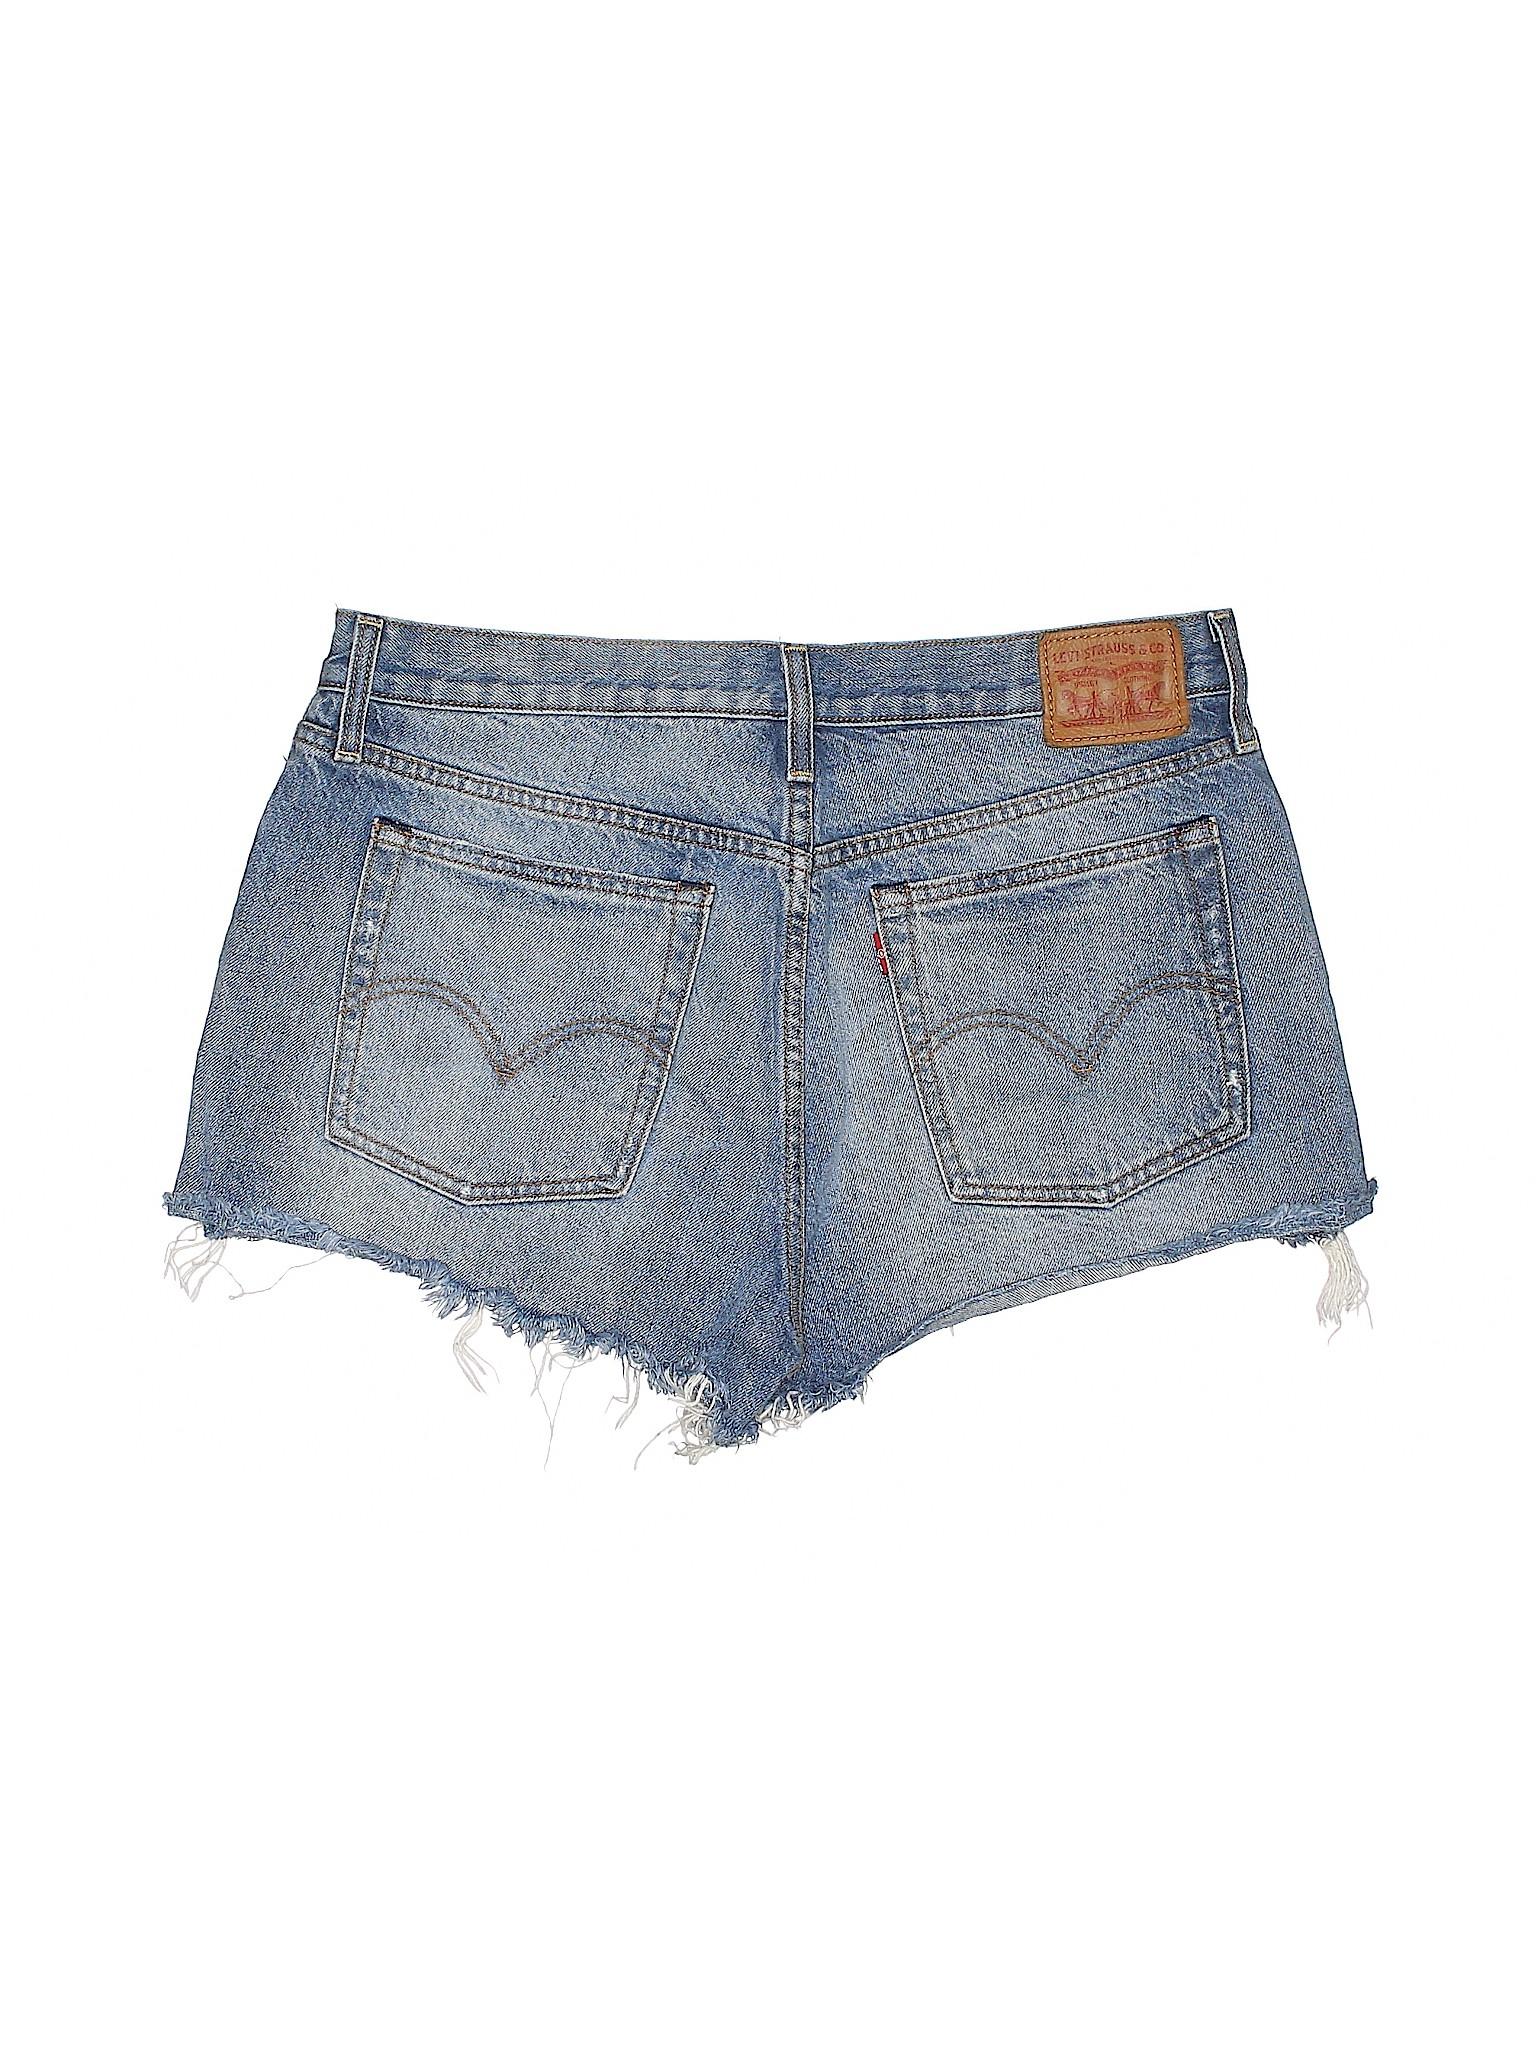 Boutique leisure Boutique Levi's Shorts Levi's Denim leisure Denim wHaq7tHW